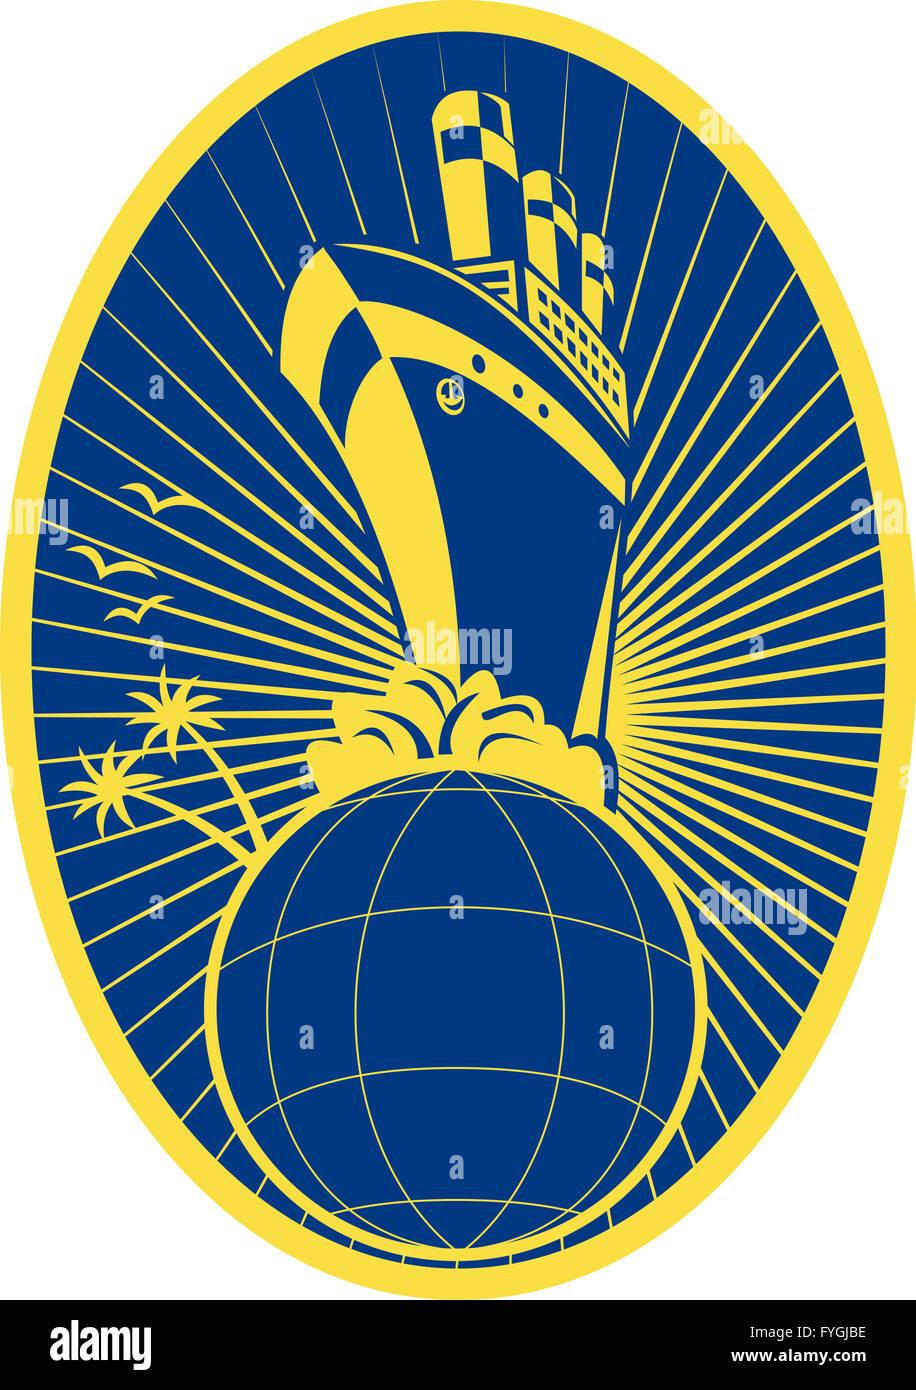 Passenger ship boat Ocean liner globe - Stock Image